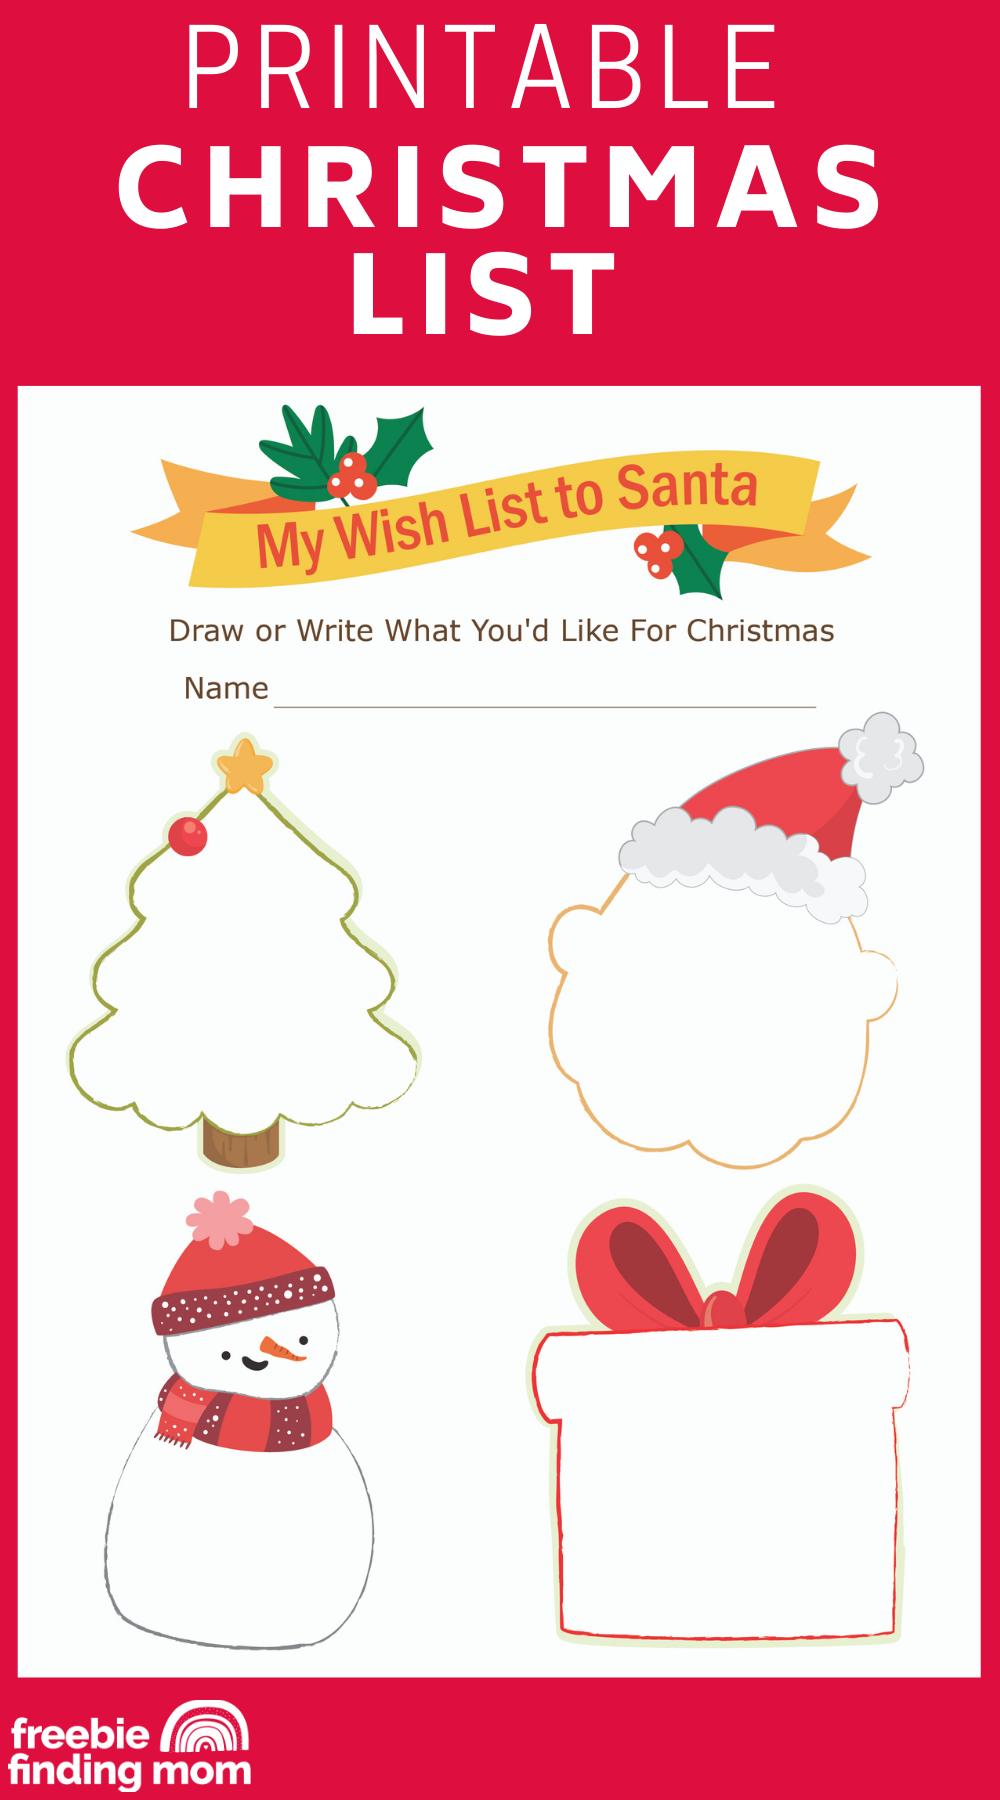 768c6be3a0915039a032ad6e2213d71e - How To Find Out What You Are Getting For Christmas